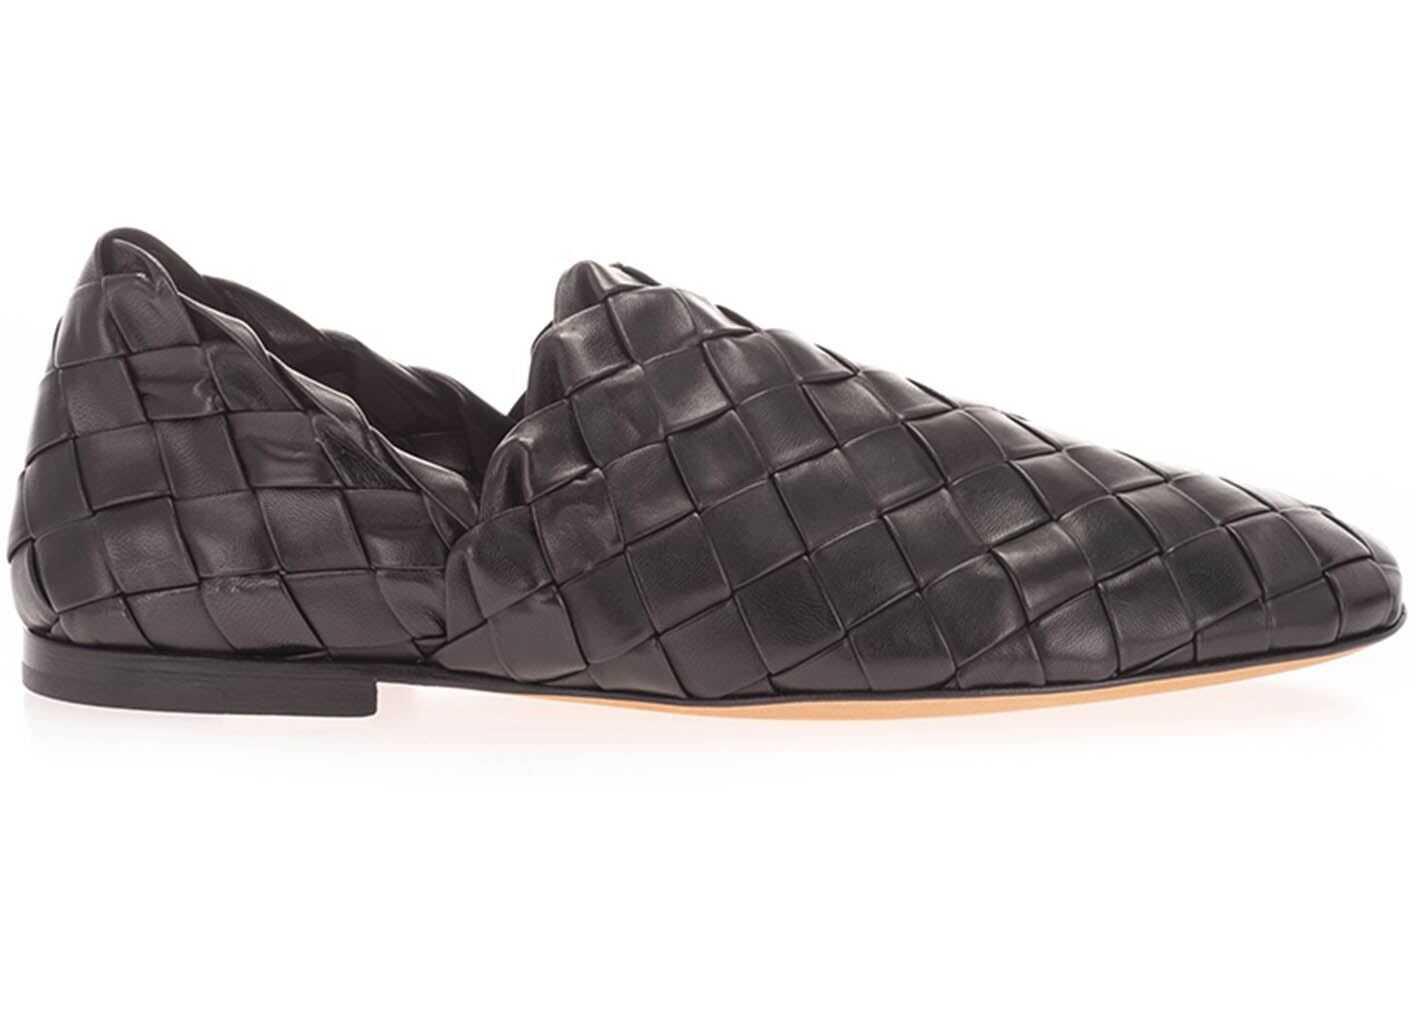 Bottega Veneta Woven Leather Loafers In Black 620304VBTR01000 Black imagine b-mall.ro